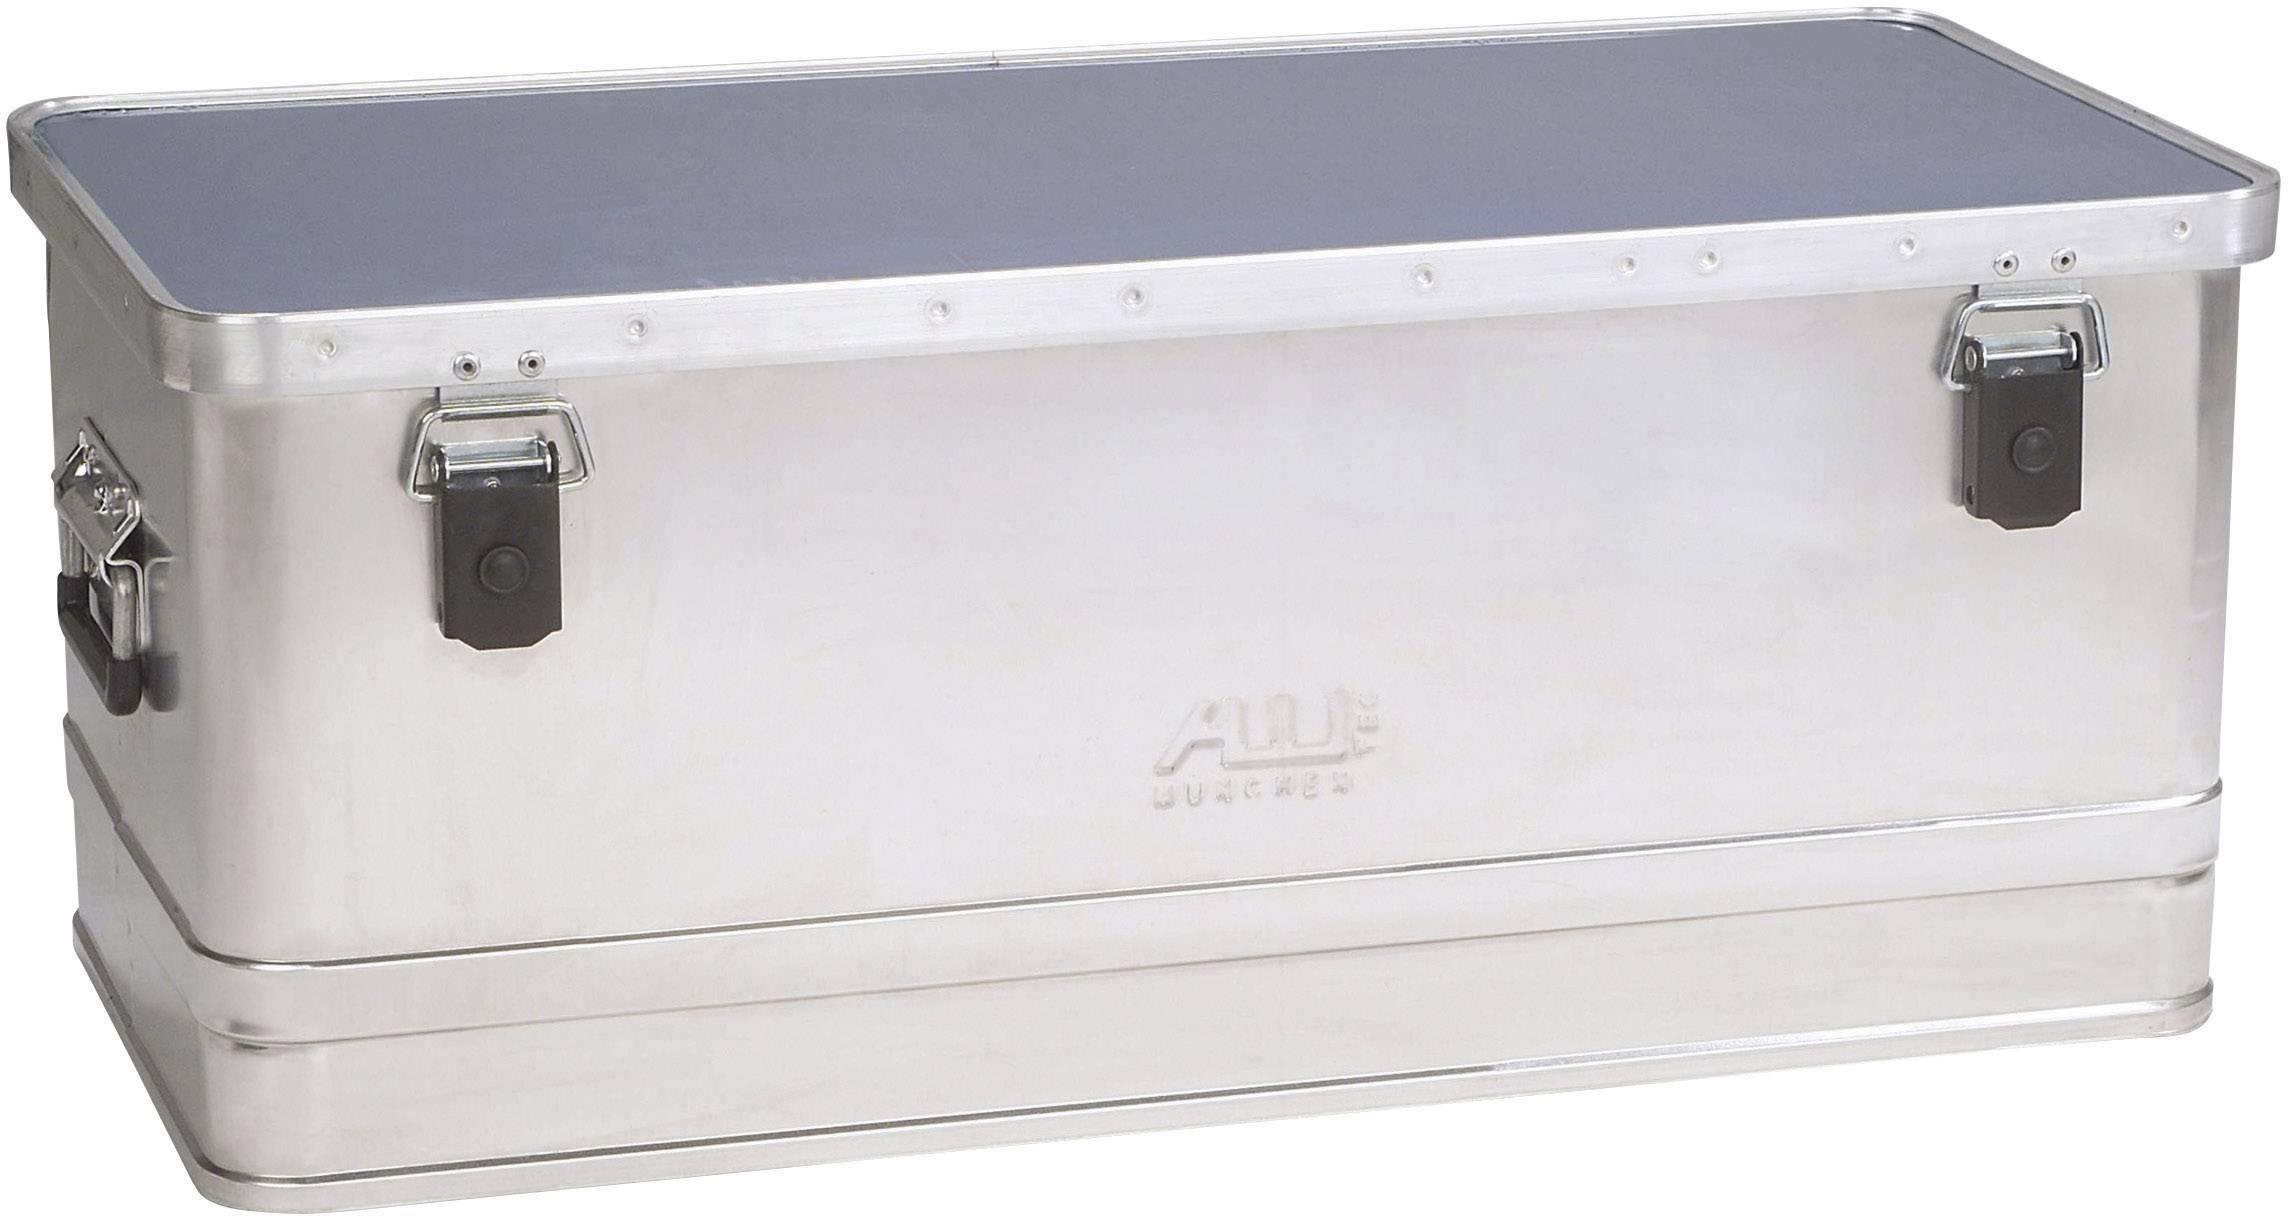 Přepravní a skladovací hliníkový box Alutec 34081, 775 x 375 x 320 mm